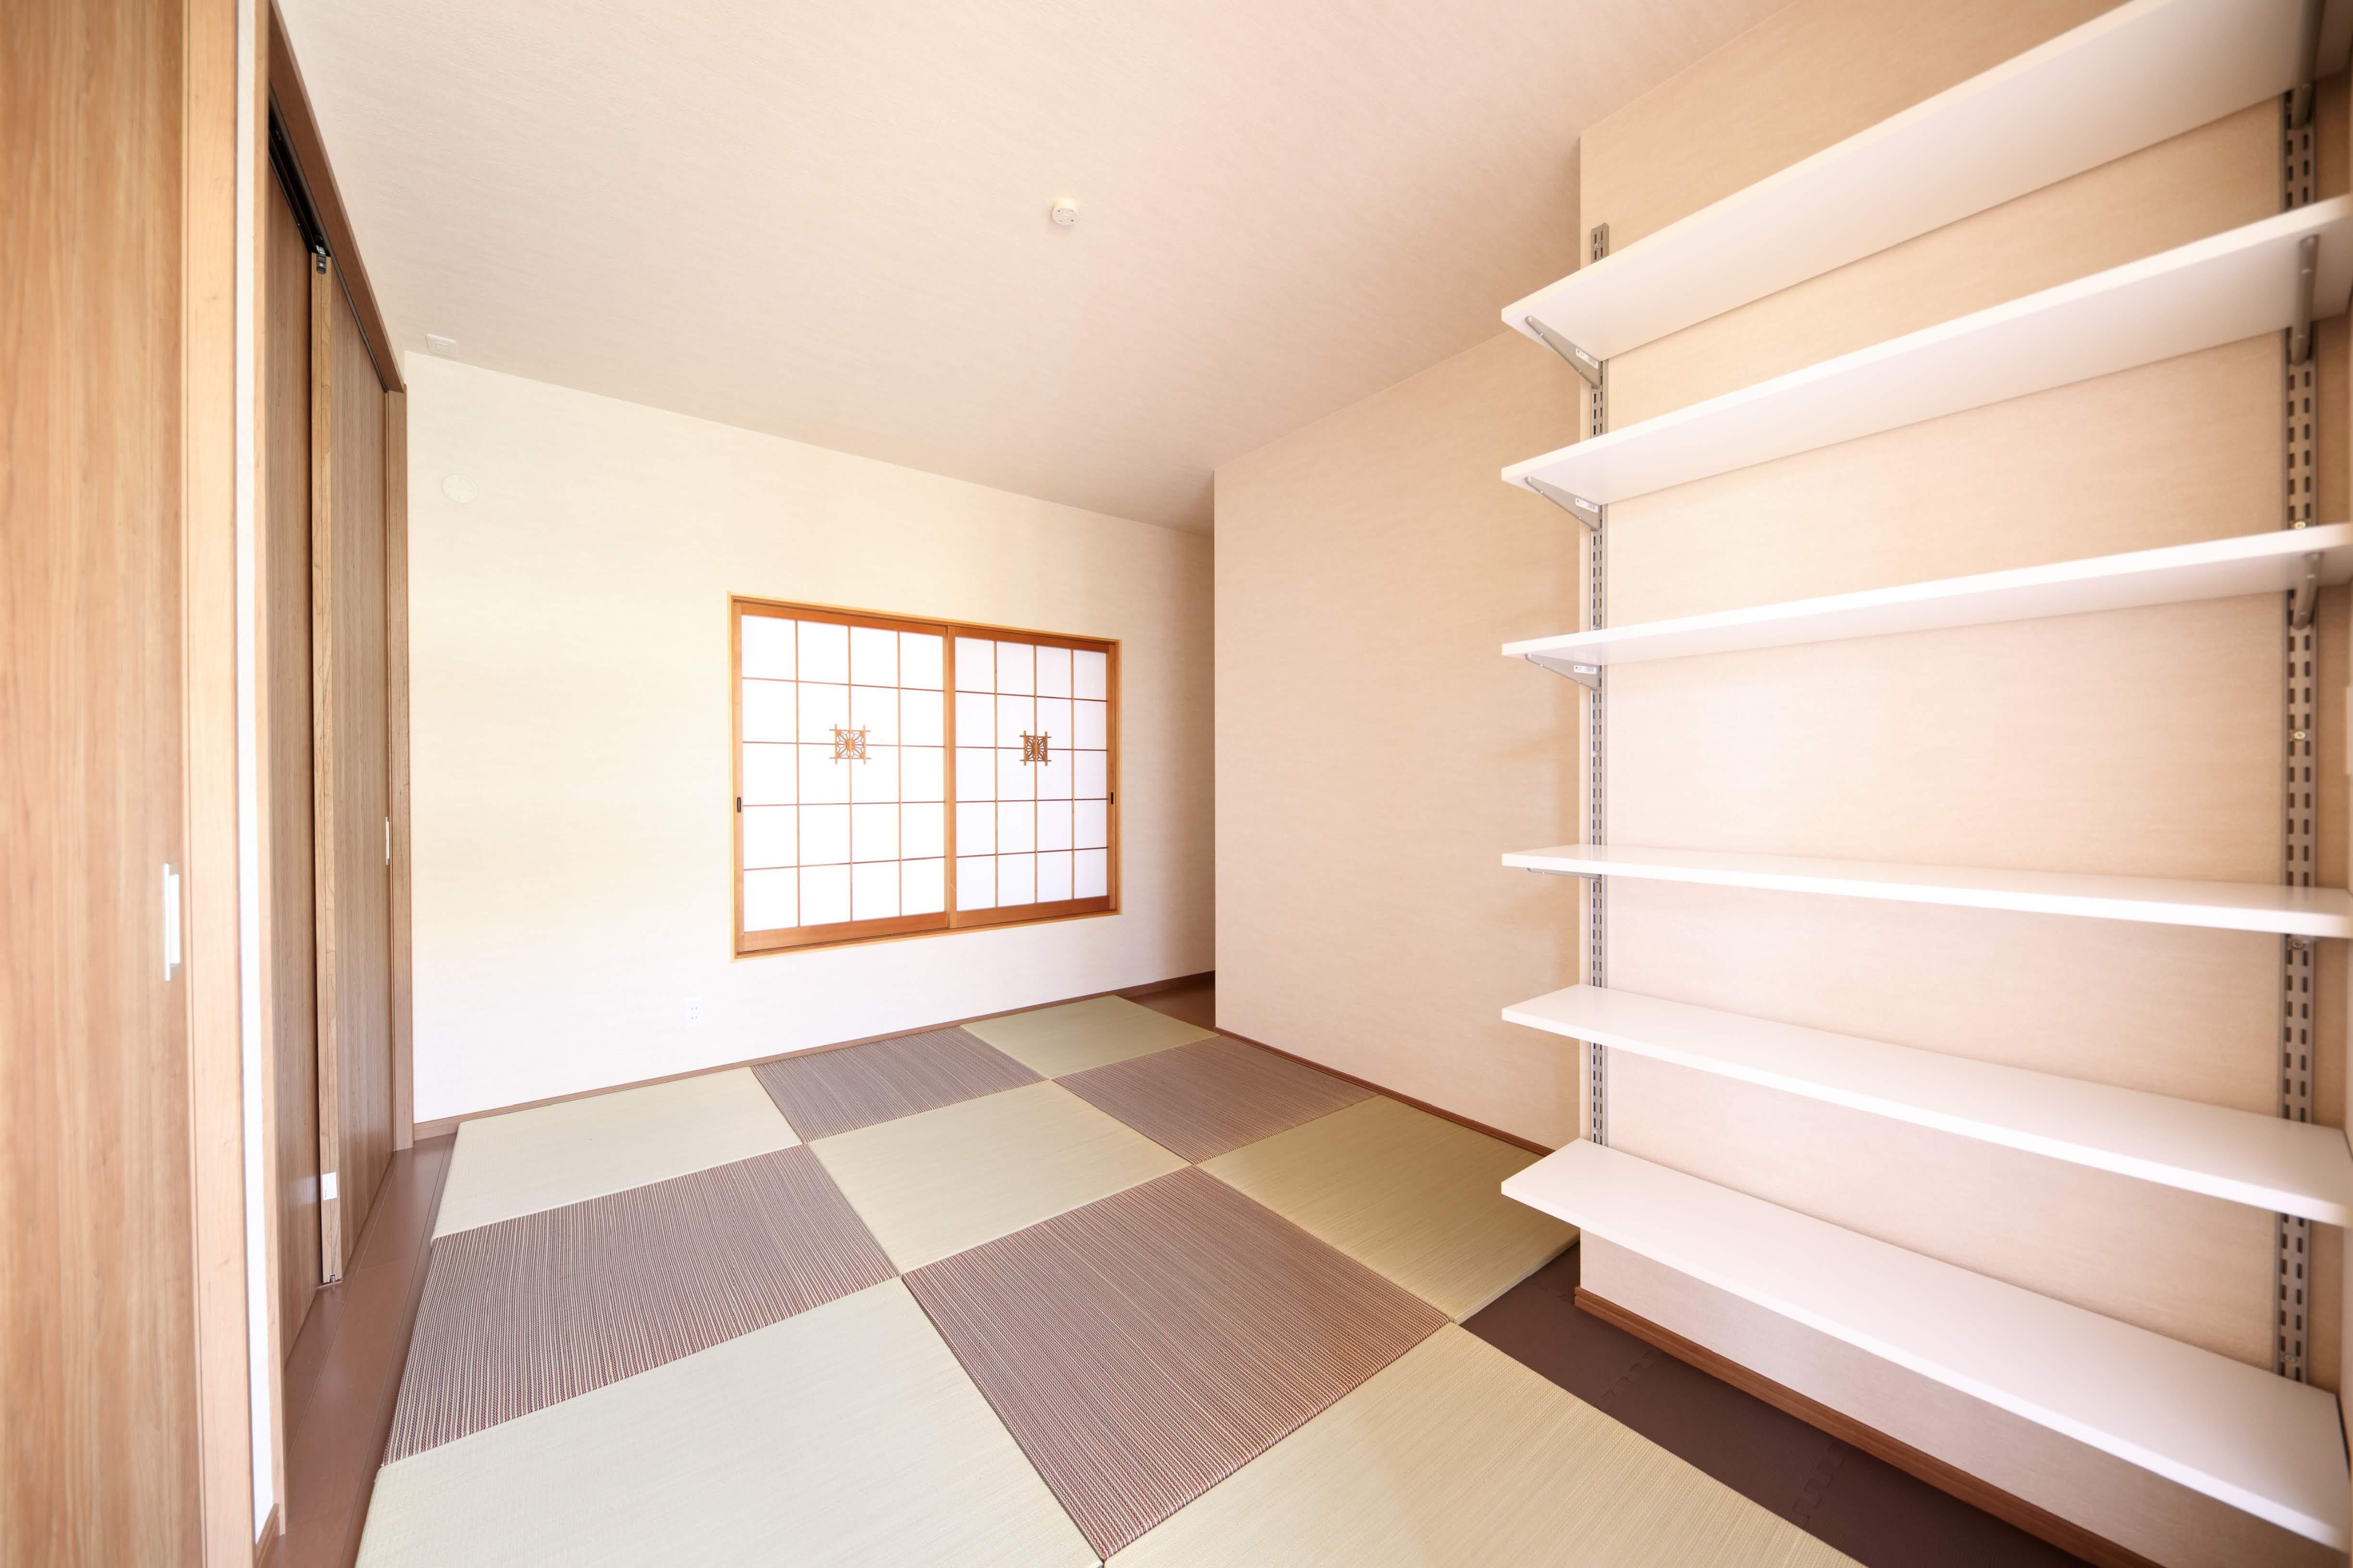 ベッドルーム事例:寝室(縁側で夏を感じる家)